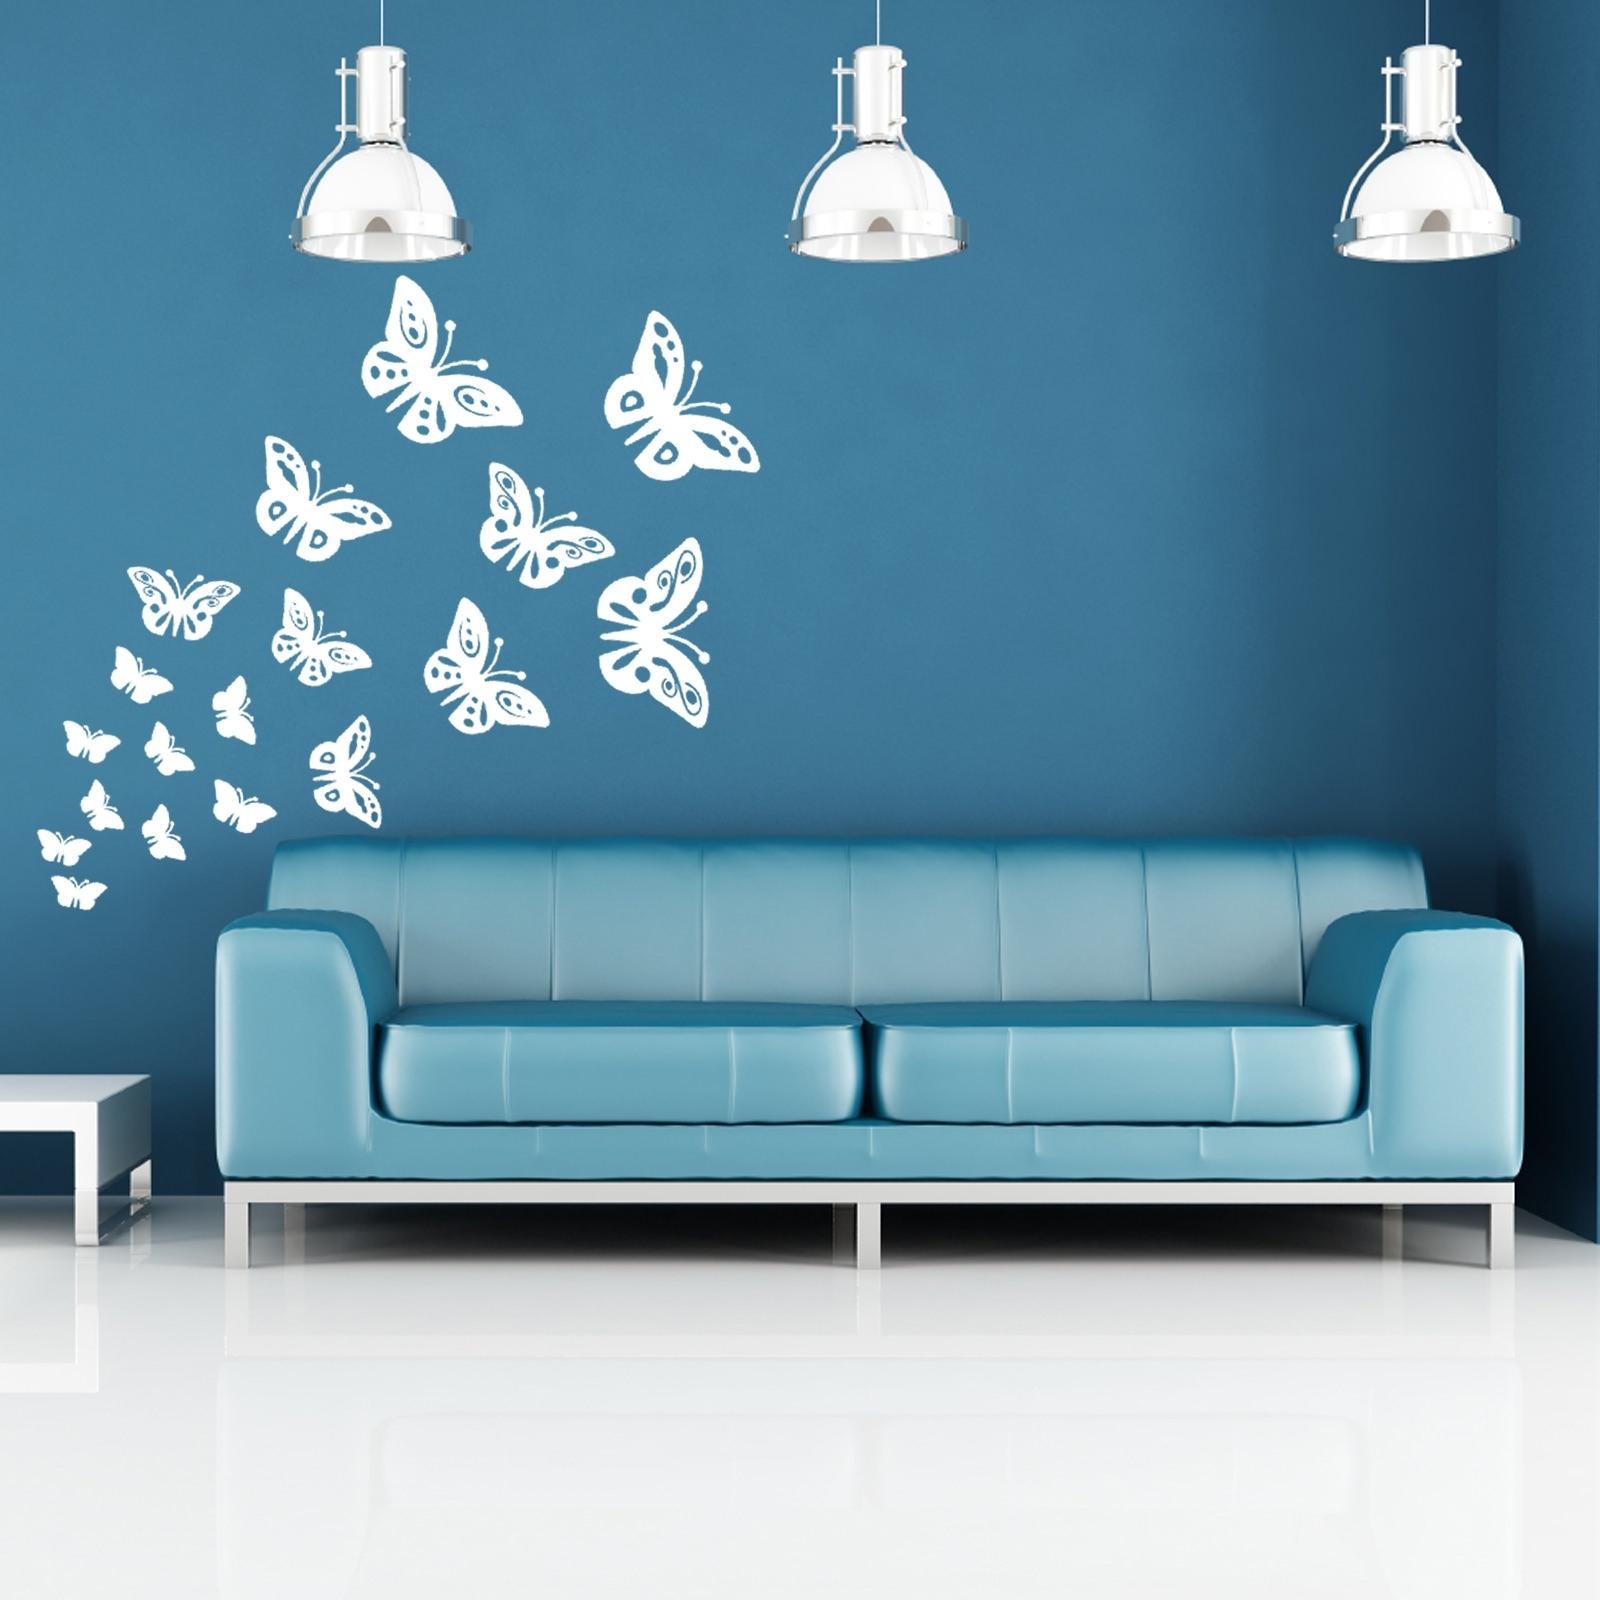 Wall Art Design – Home Design Ideas Regarding Current Wall Art Designs (View 5 of 15)